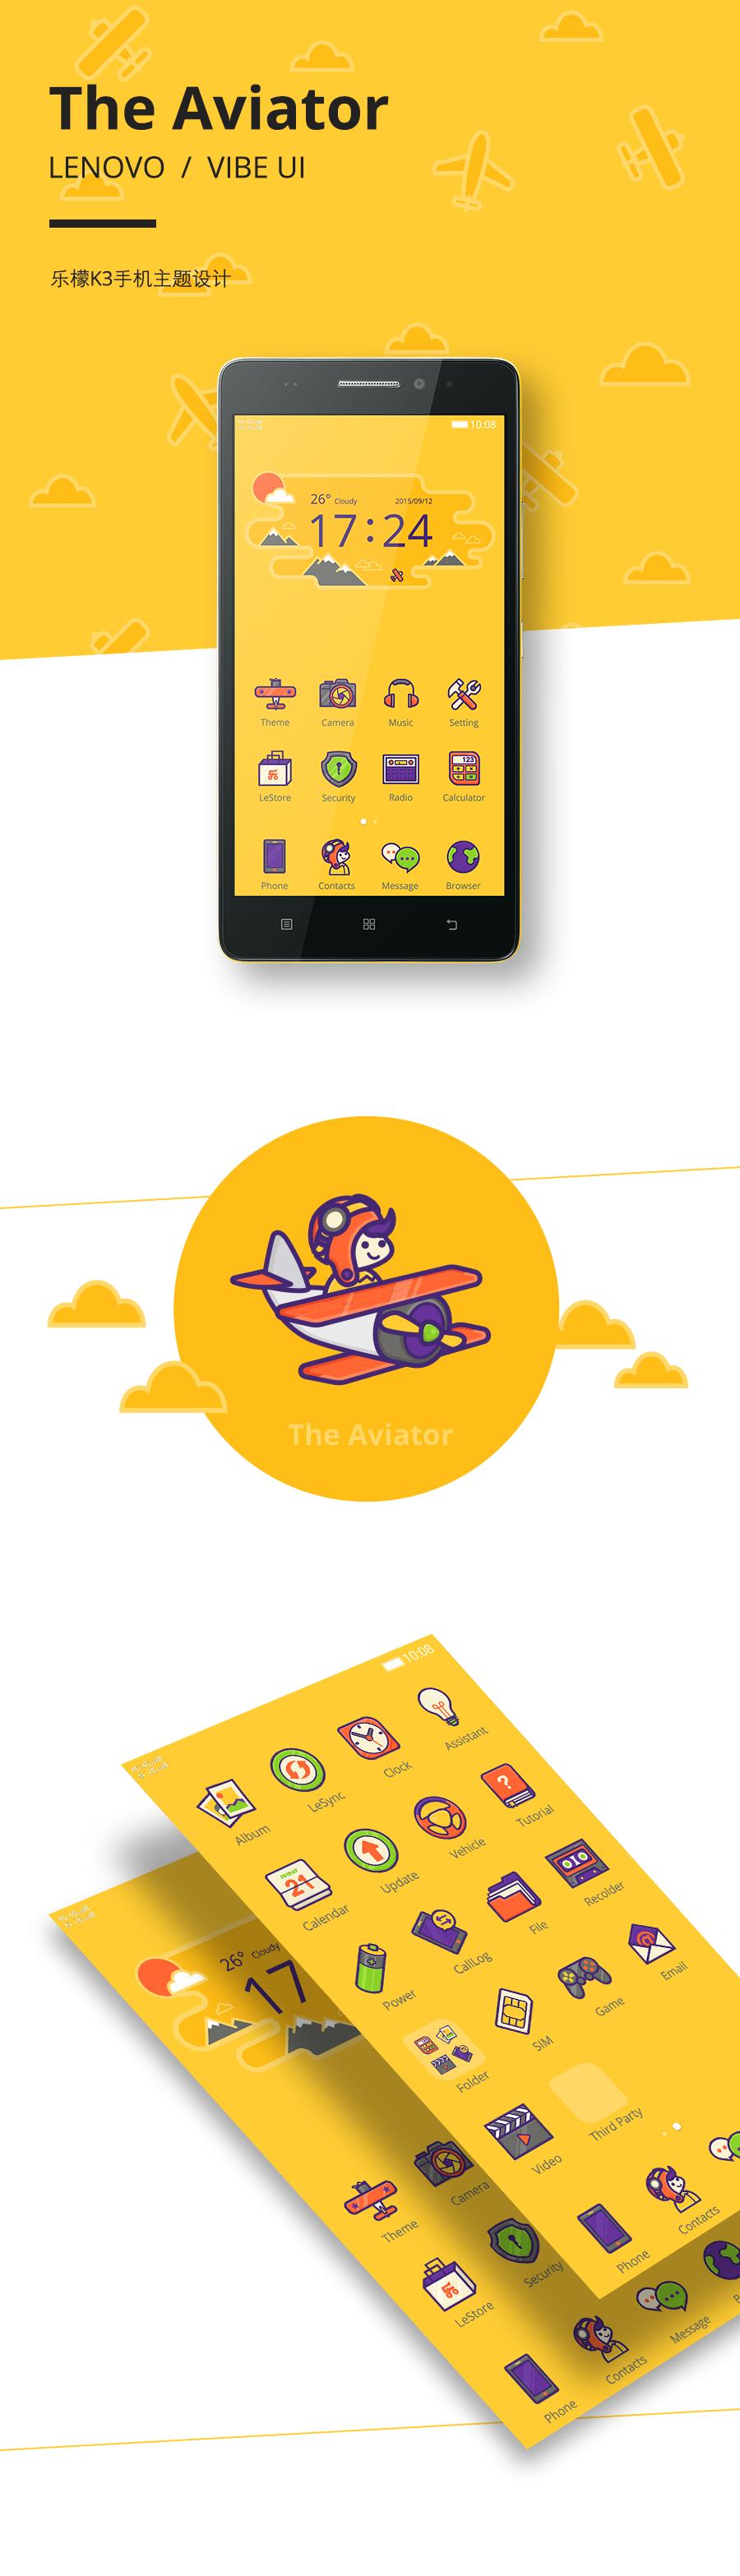 乐檬K3手机APP设计主题/设计欣赏#黄色卡通系列